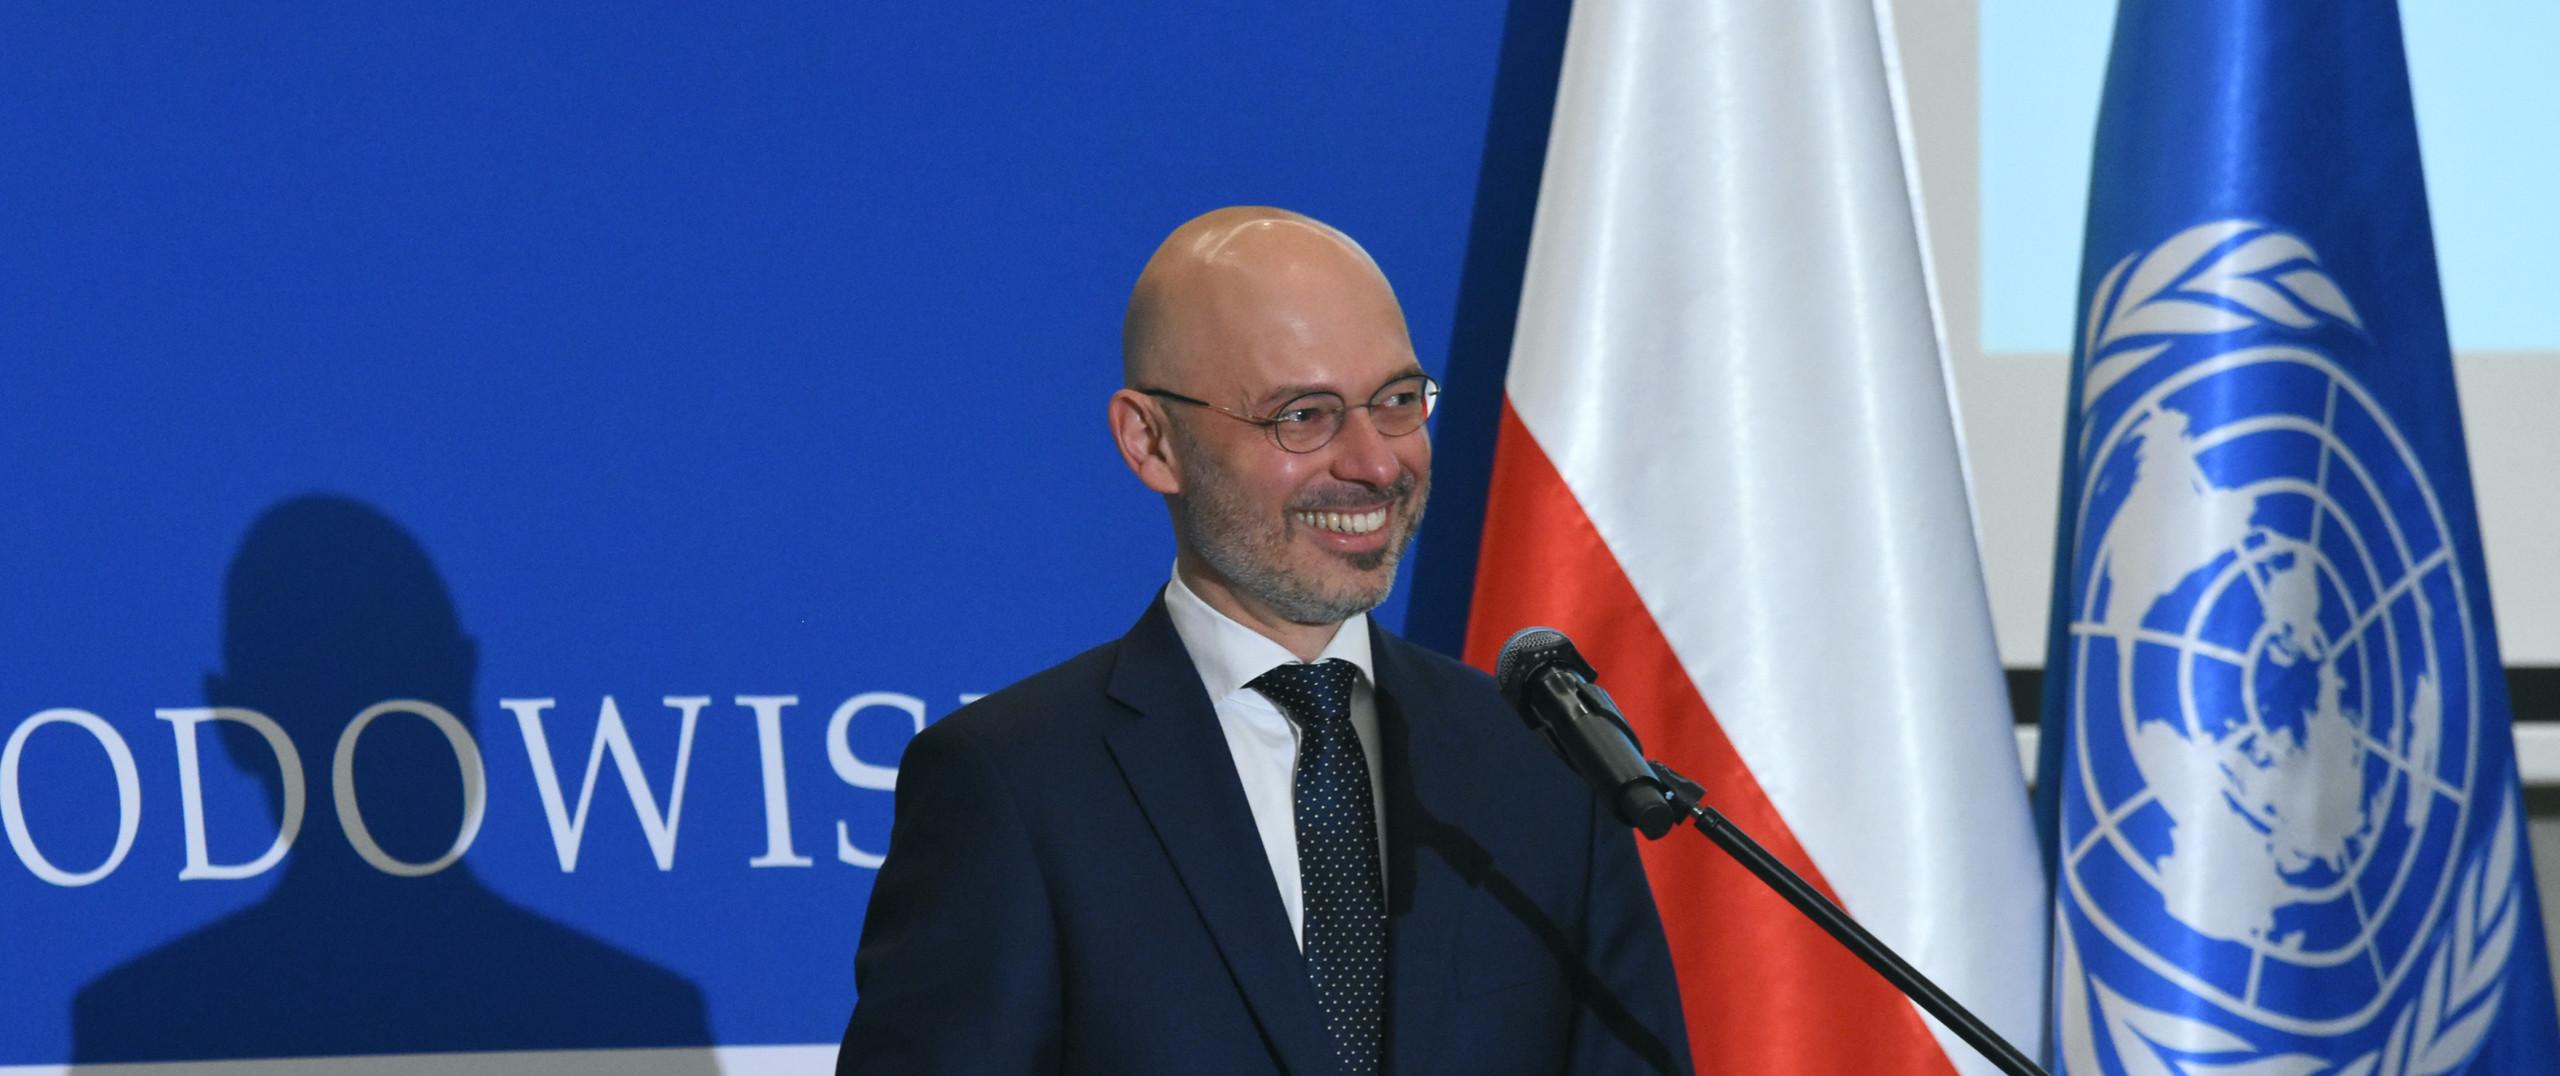 Wiceminister środowiska, Prezydent COP24 Michał Kurtyka